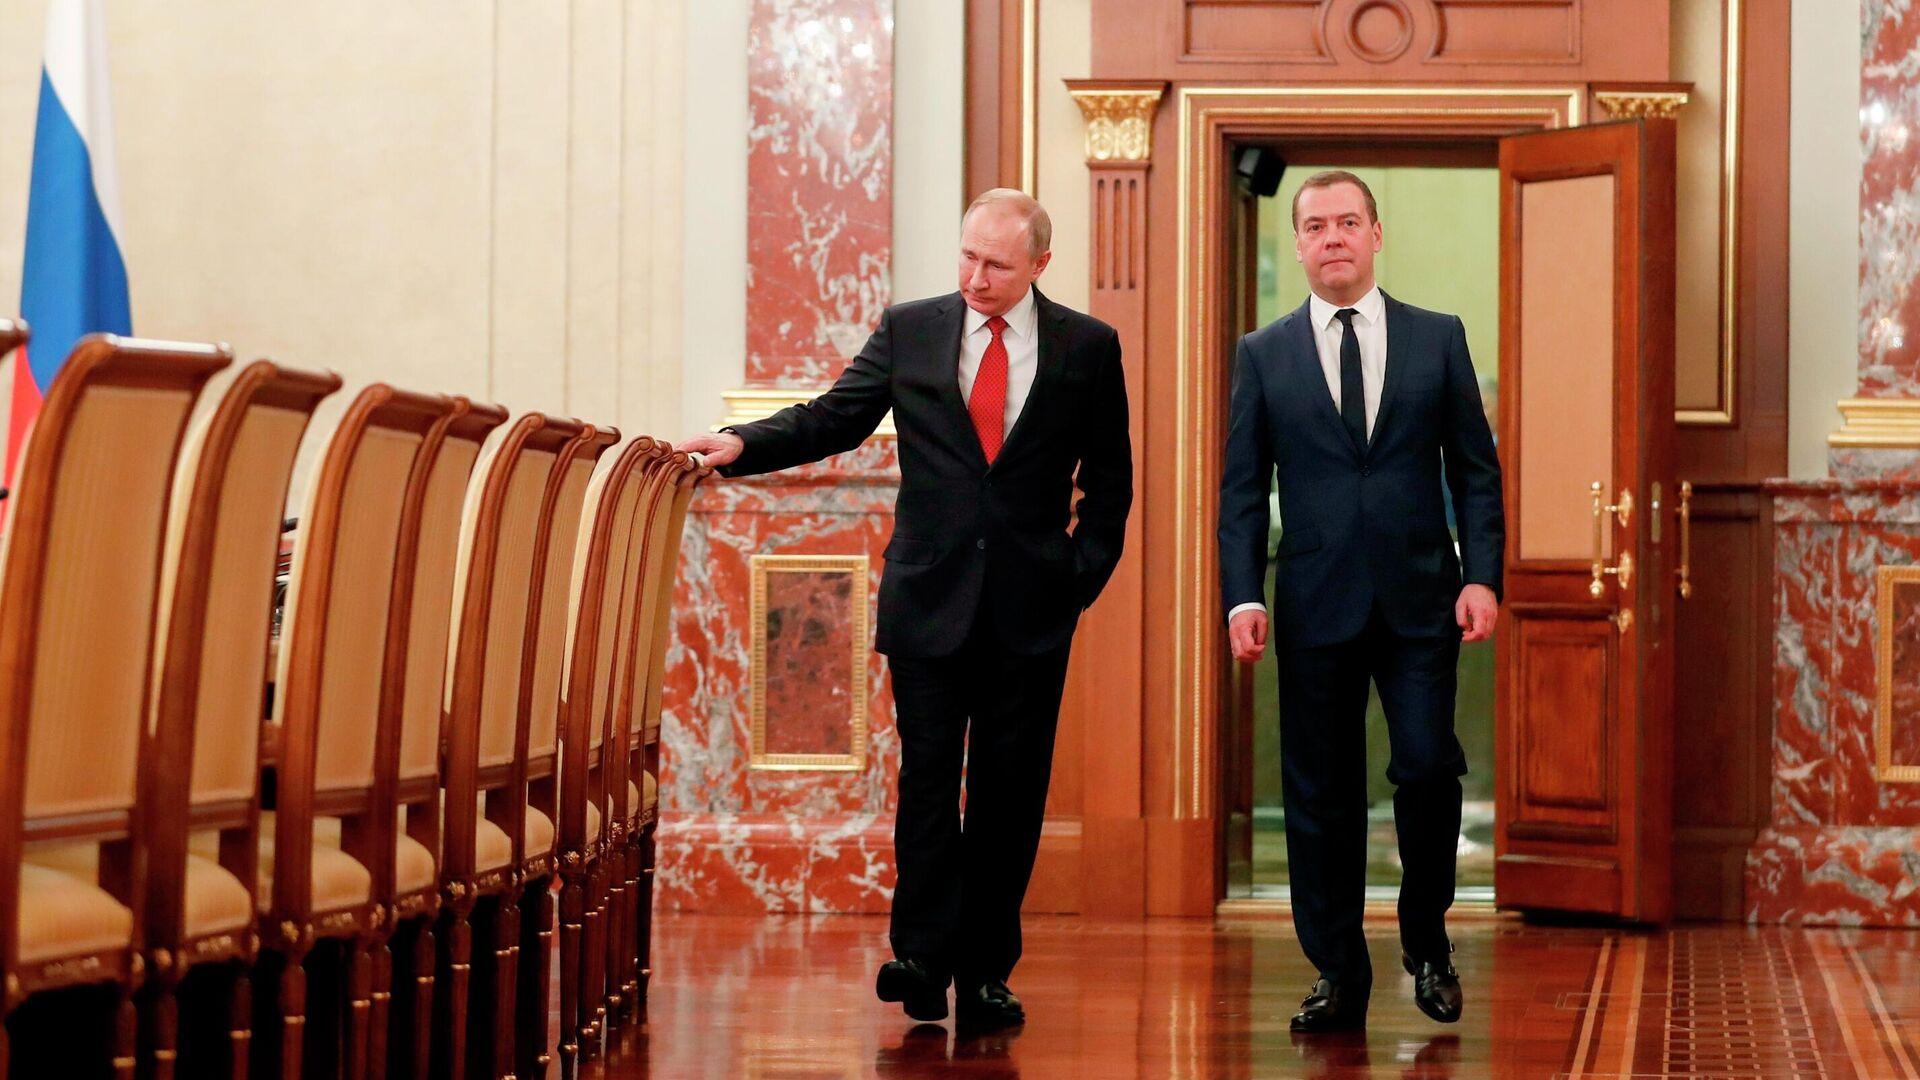 Президент РФ Владимир Путин и председатель правительства РФ Дмитрий Медведев перед встречей с членами правительства РФ - РИА Новости, 1920, 25.09.2021